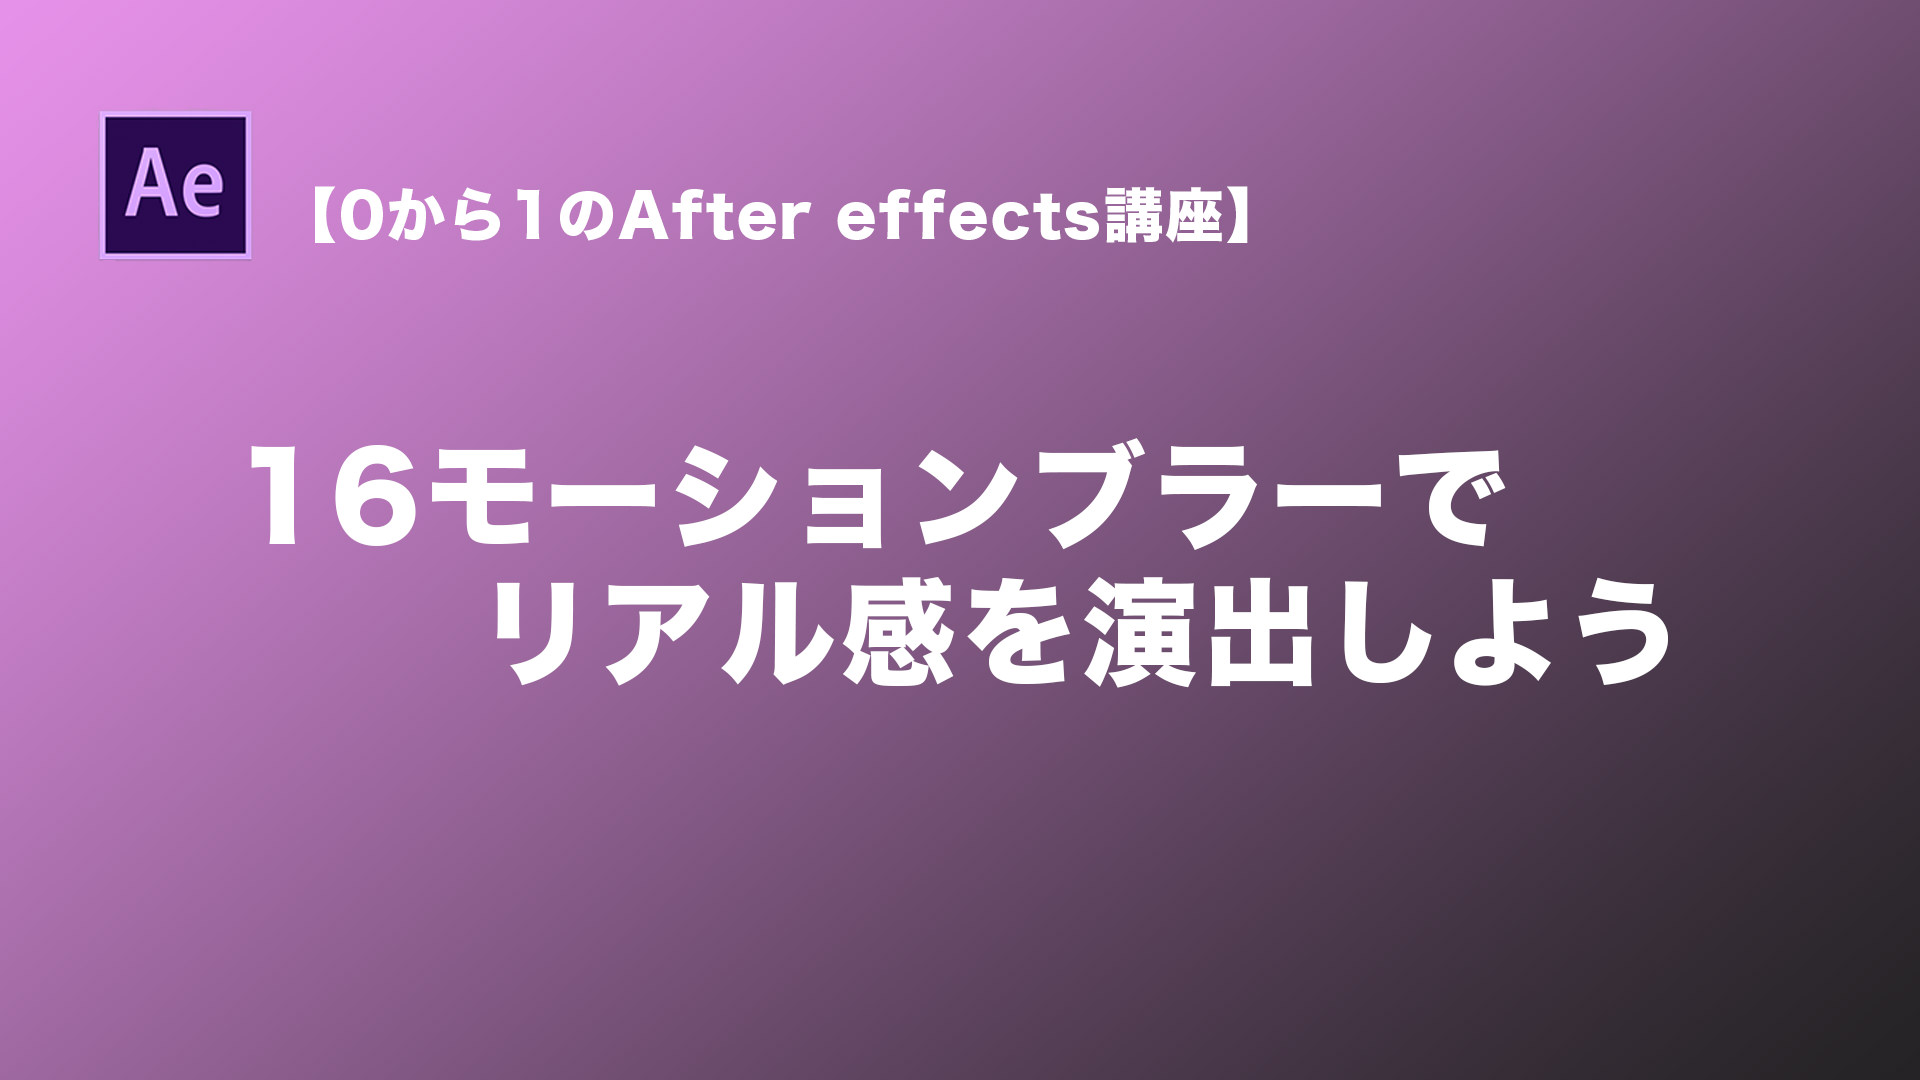 Aftereffectsで簡単にリアル感を演出するモーションブラー機能